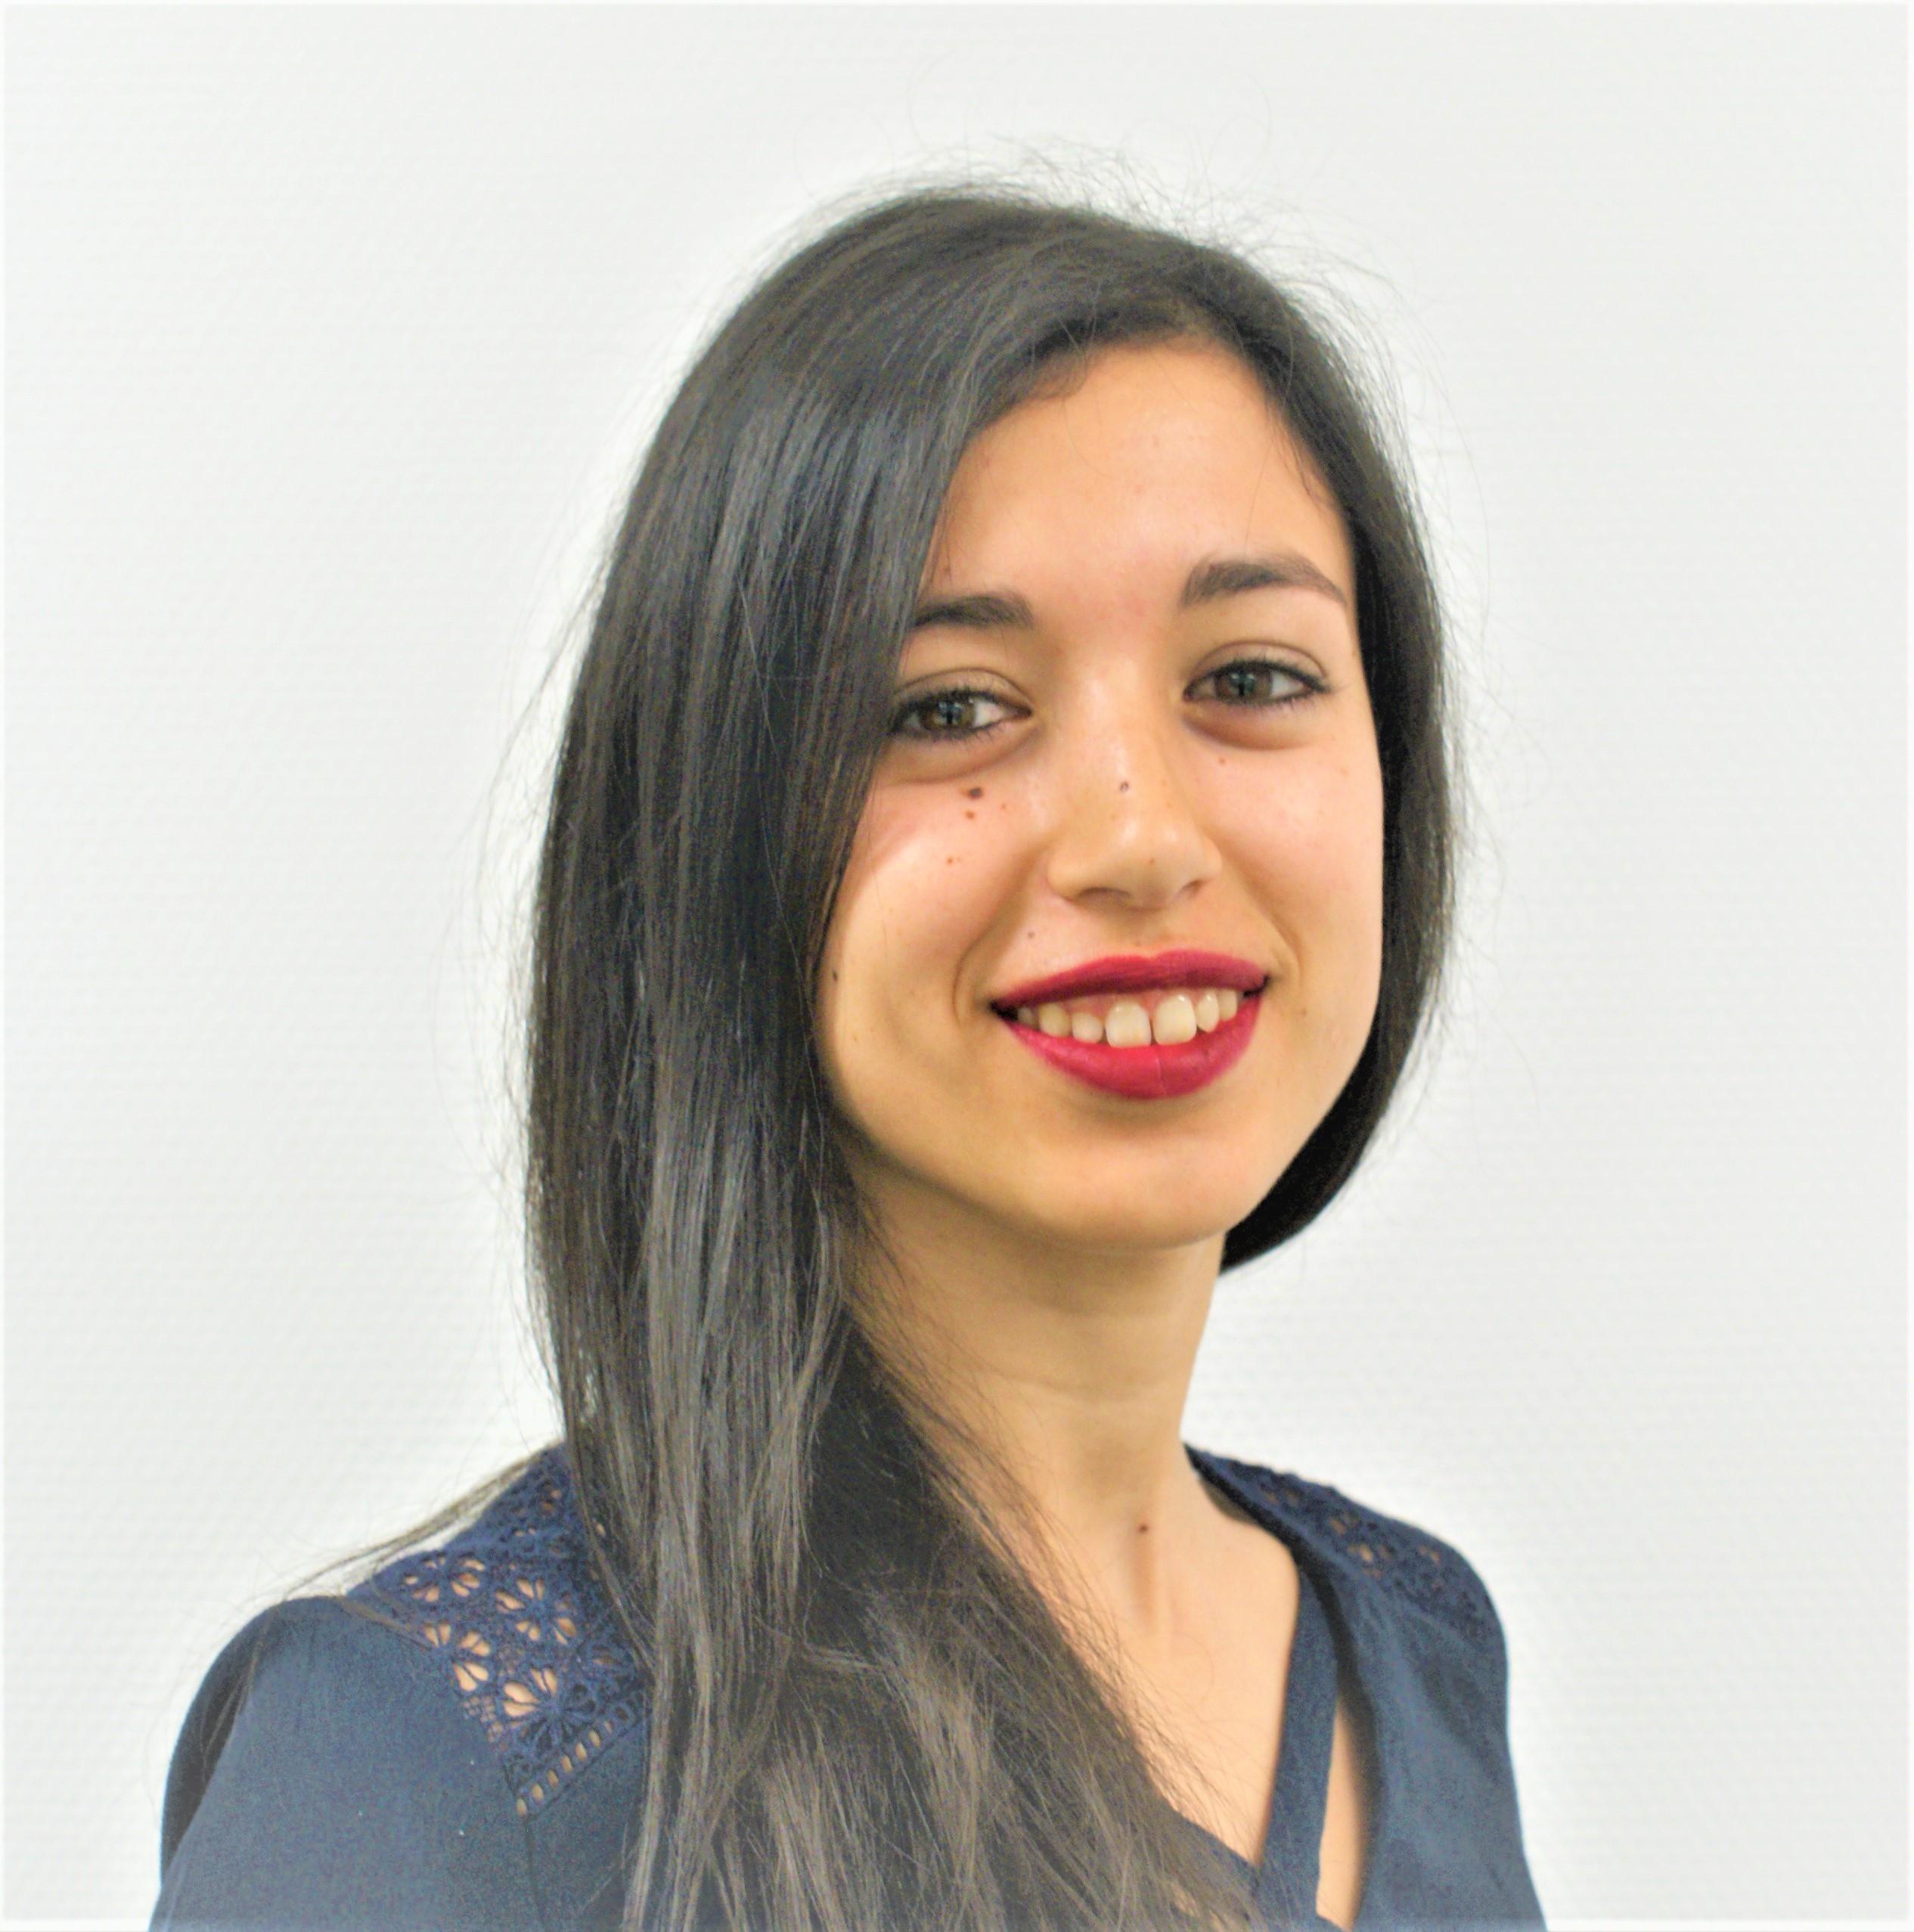 Sophie Fernandes